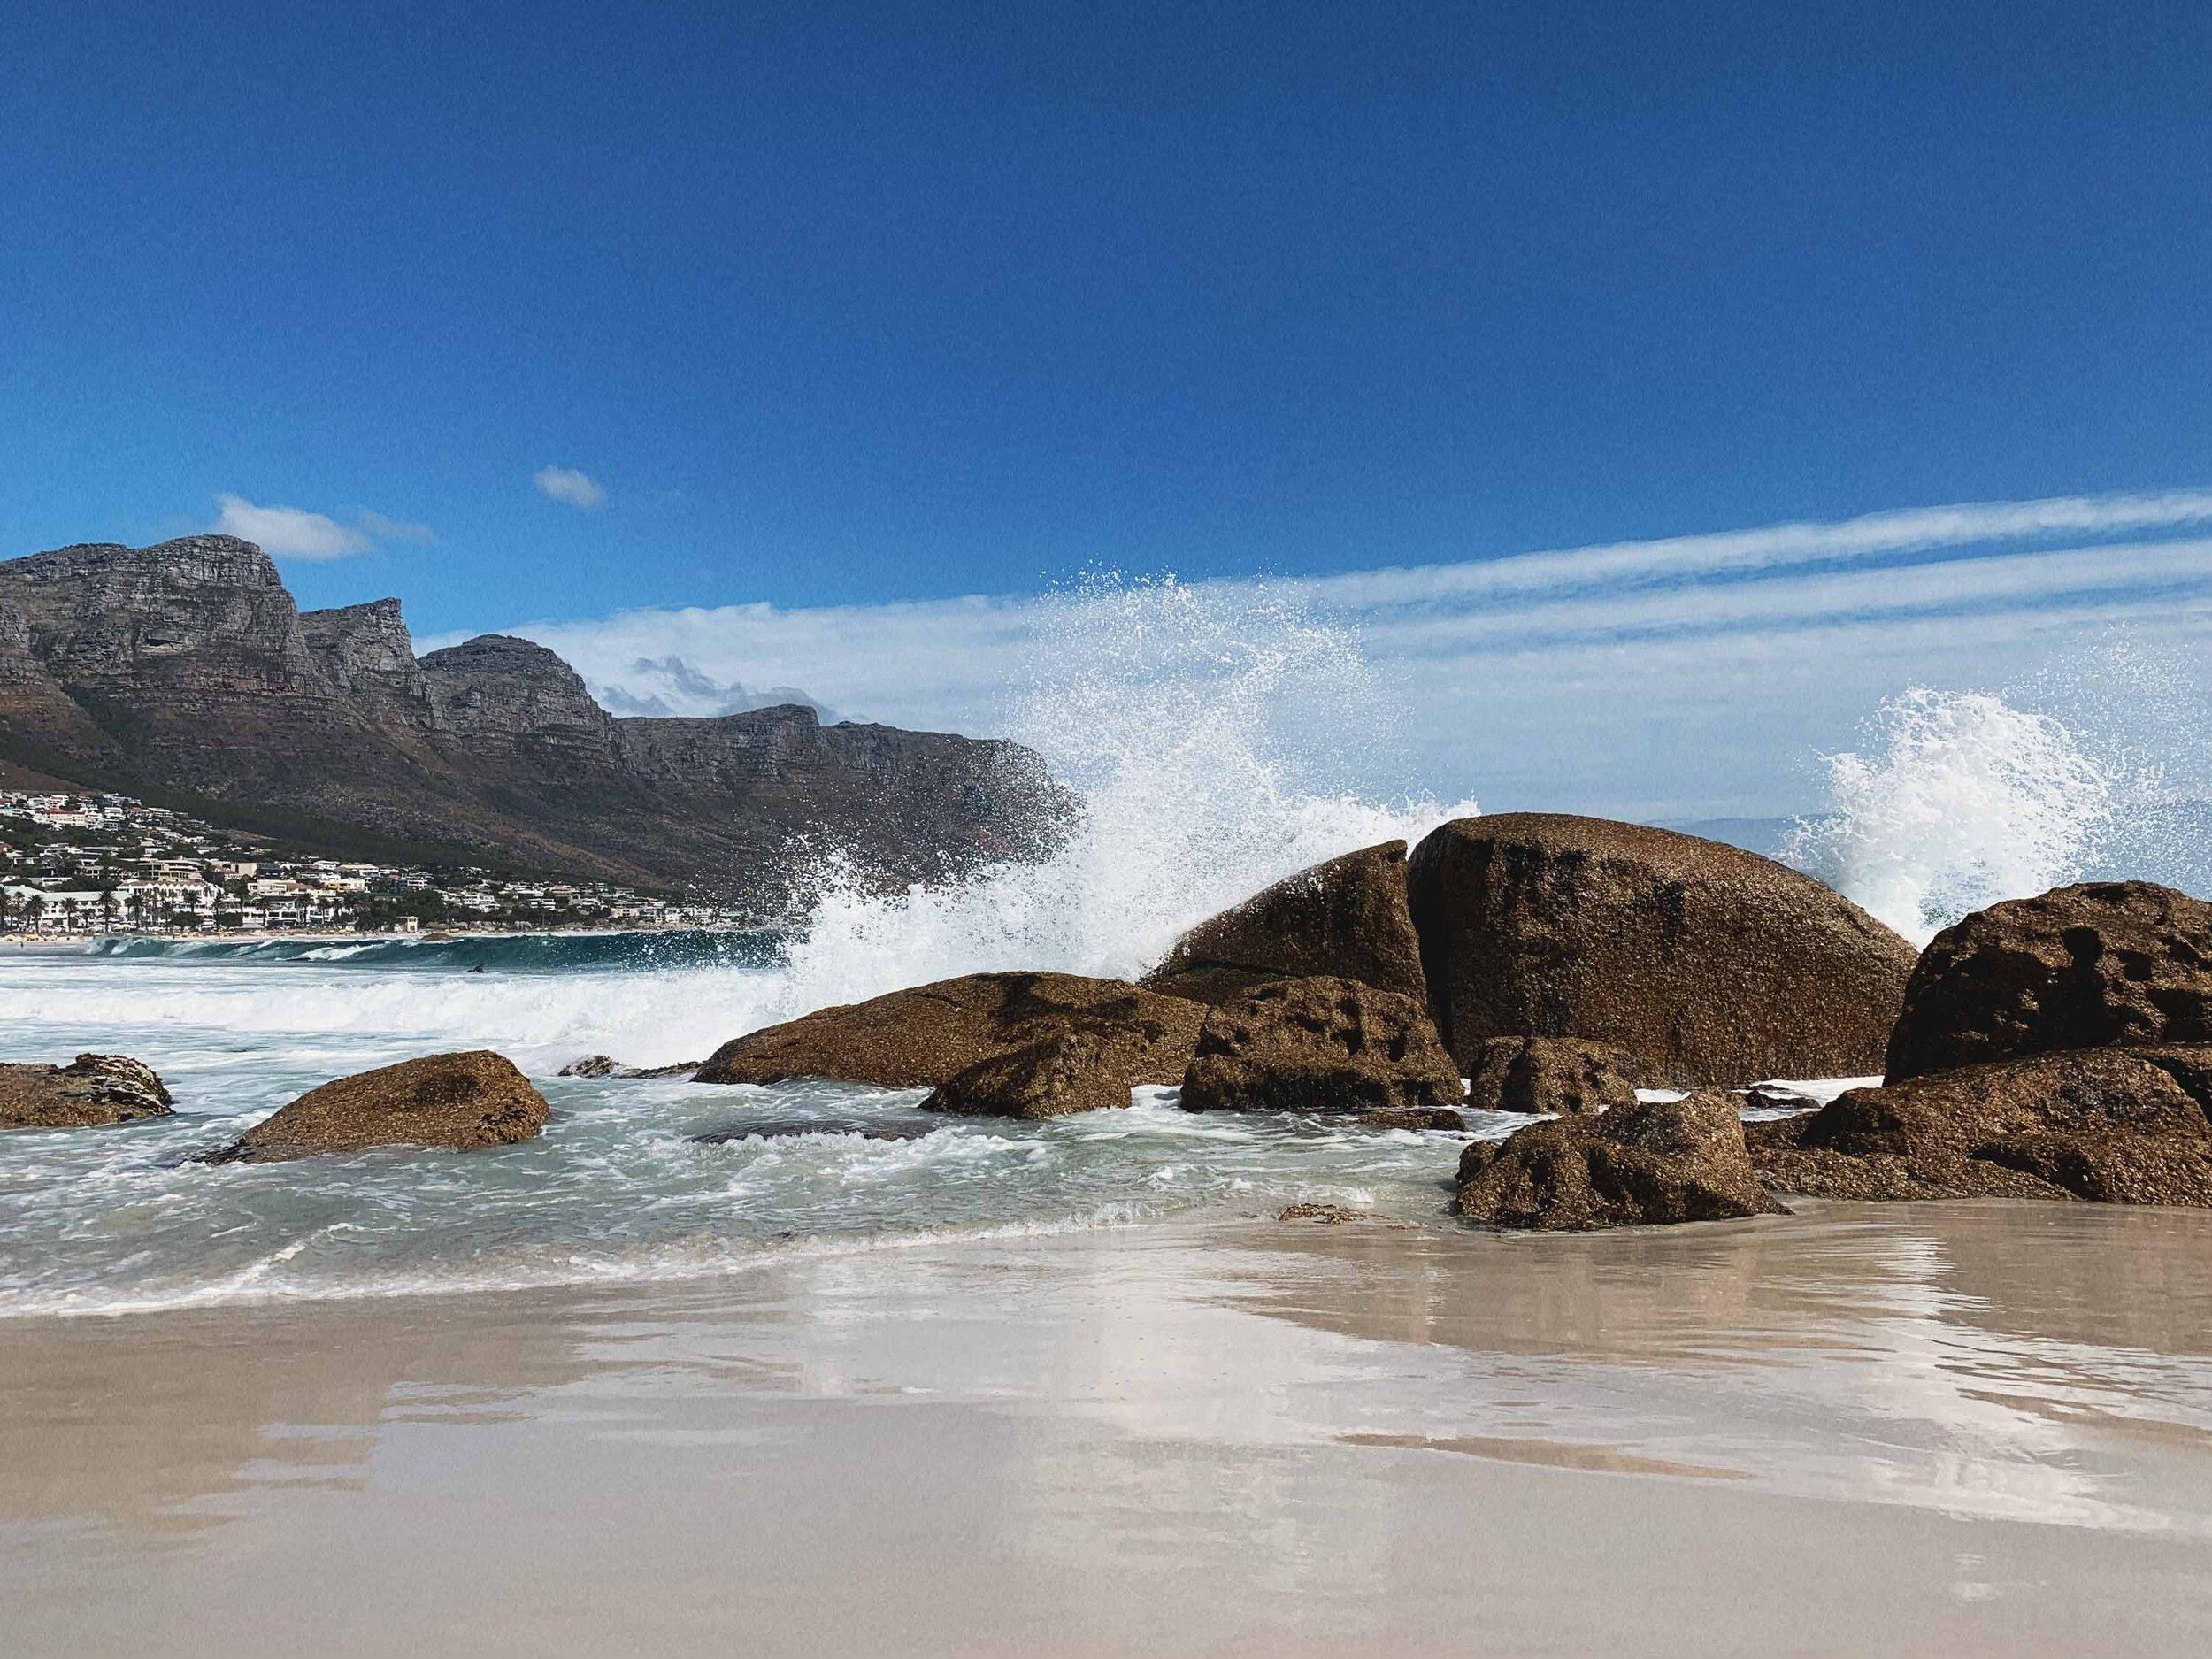 61_Giepert_South_Africa.jpg